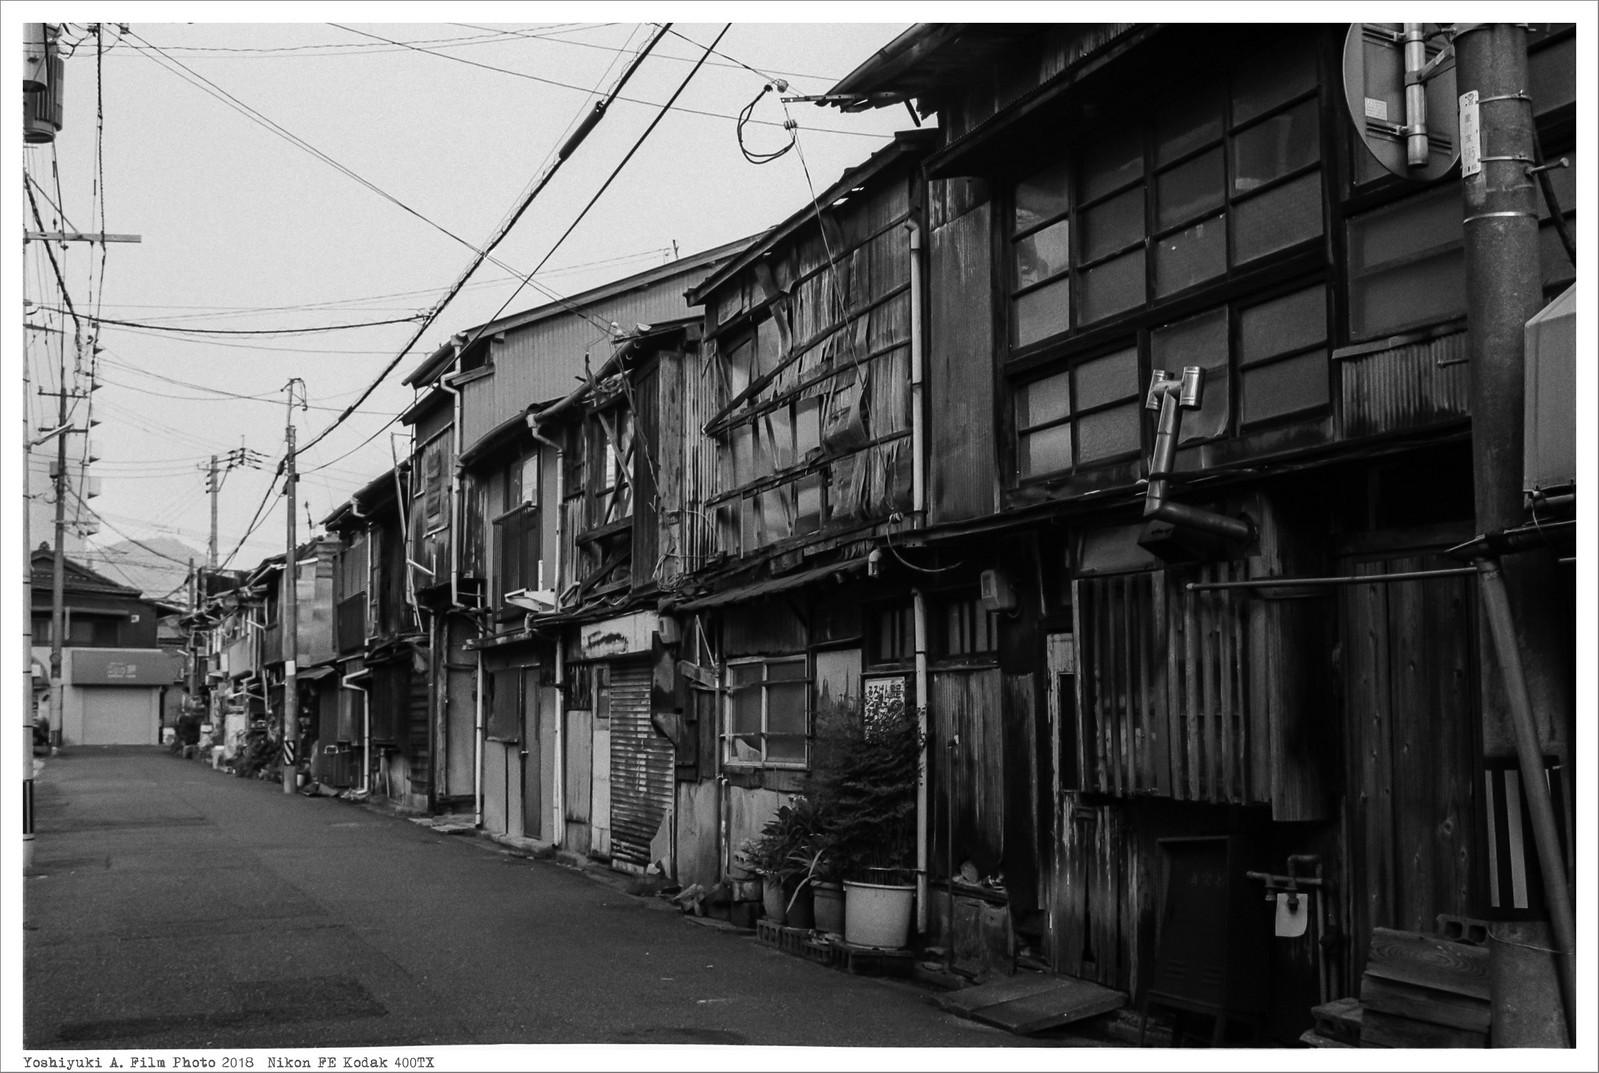 北九州市小倉 到津市場 Nikon_FE_Kodak_400TX__55